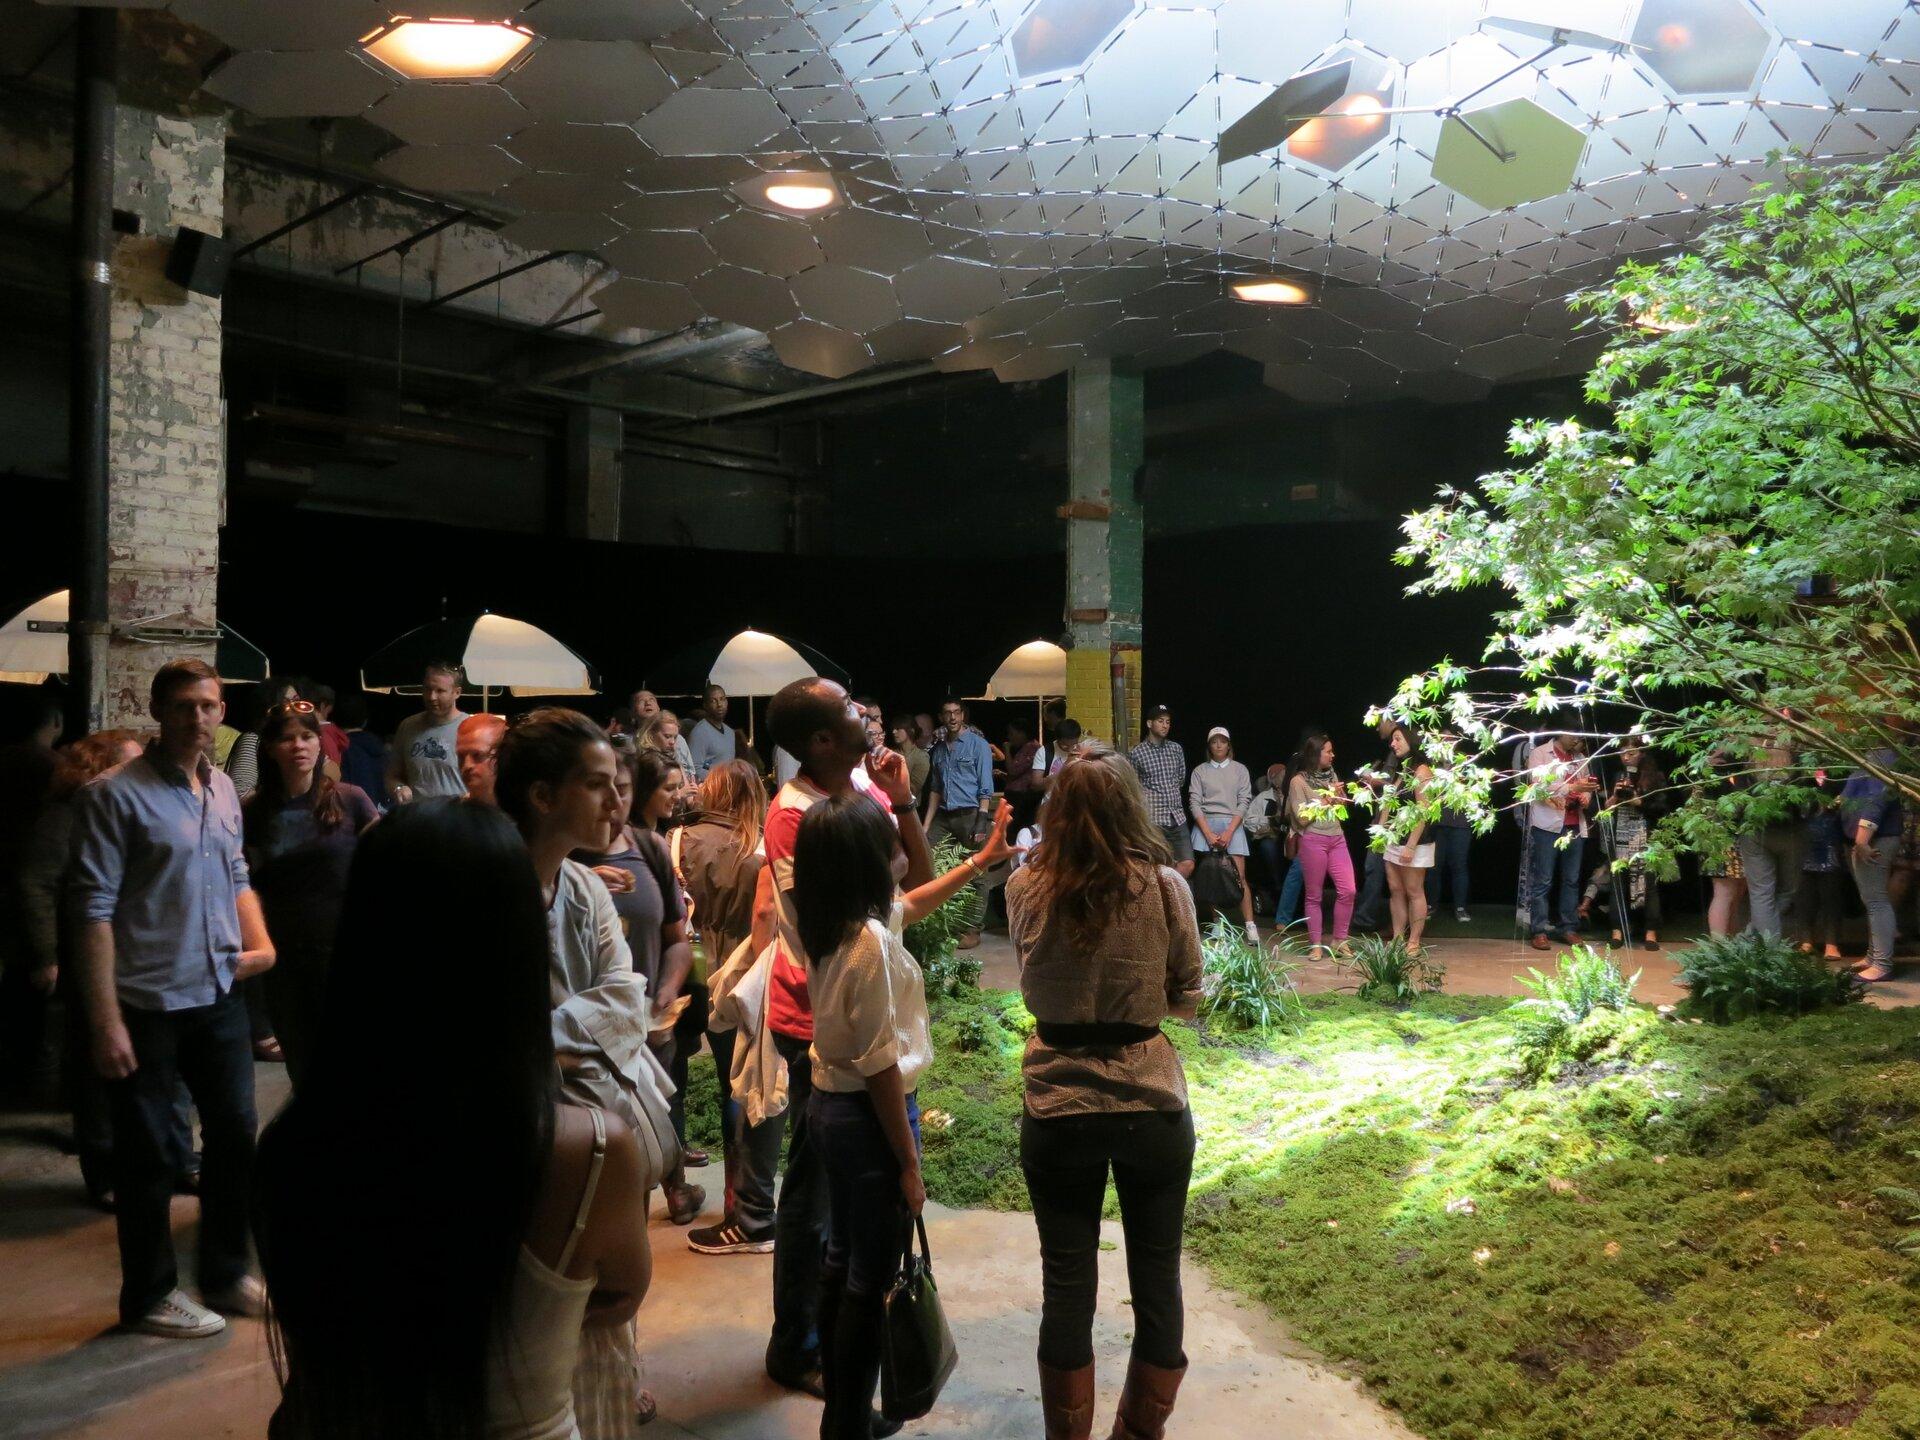 Ilustracja przedstawia widok na podziemny park wNowym Jorku. Zdjęcie przedstawia wnętrze budynku wyglądającego na starą halę. Widać kolumny, asufit wyłożony jest małymi sześciokątami między którymi zamontowano światło. Podłoże to trawa iwidoczne po prawej stronie fragment drzewa.